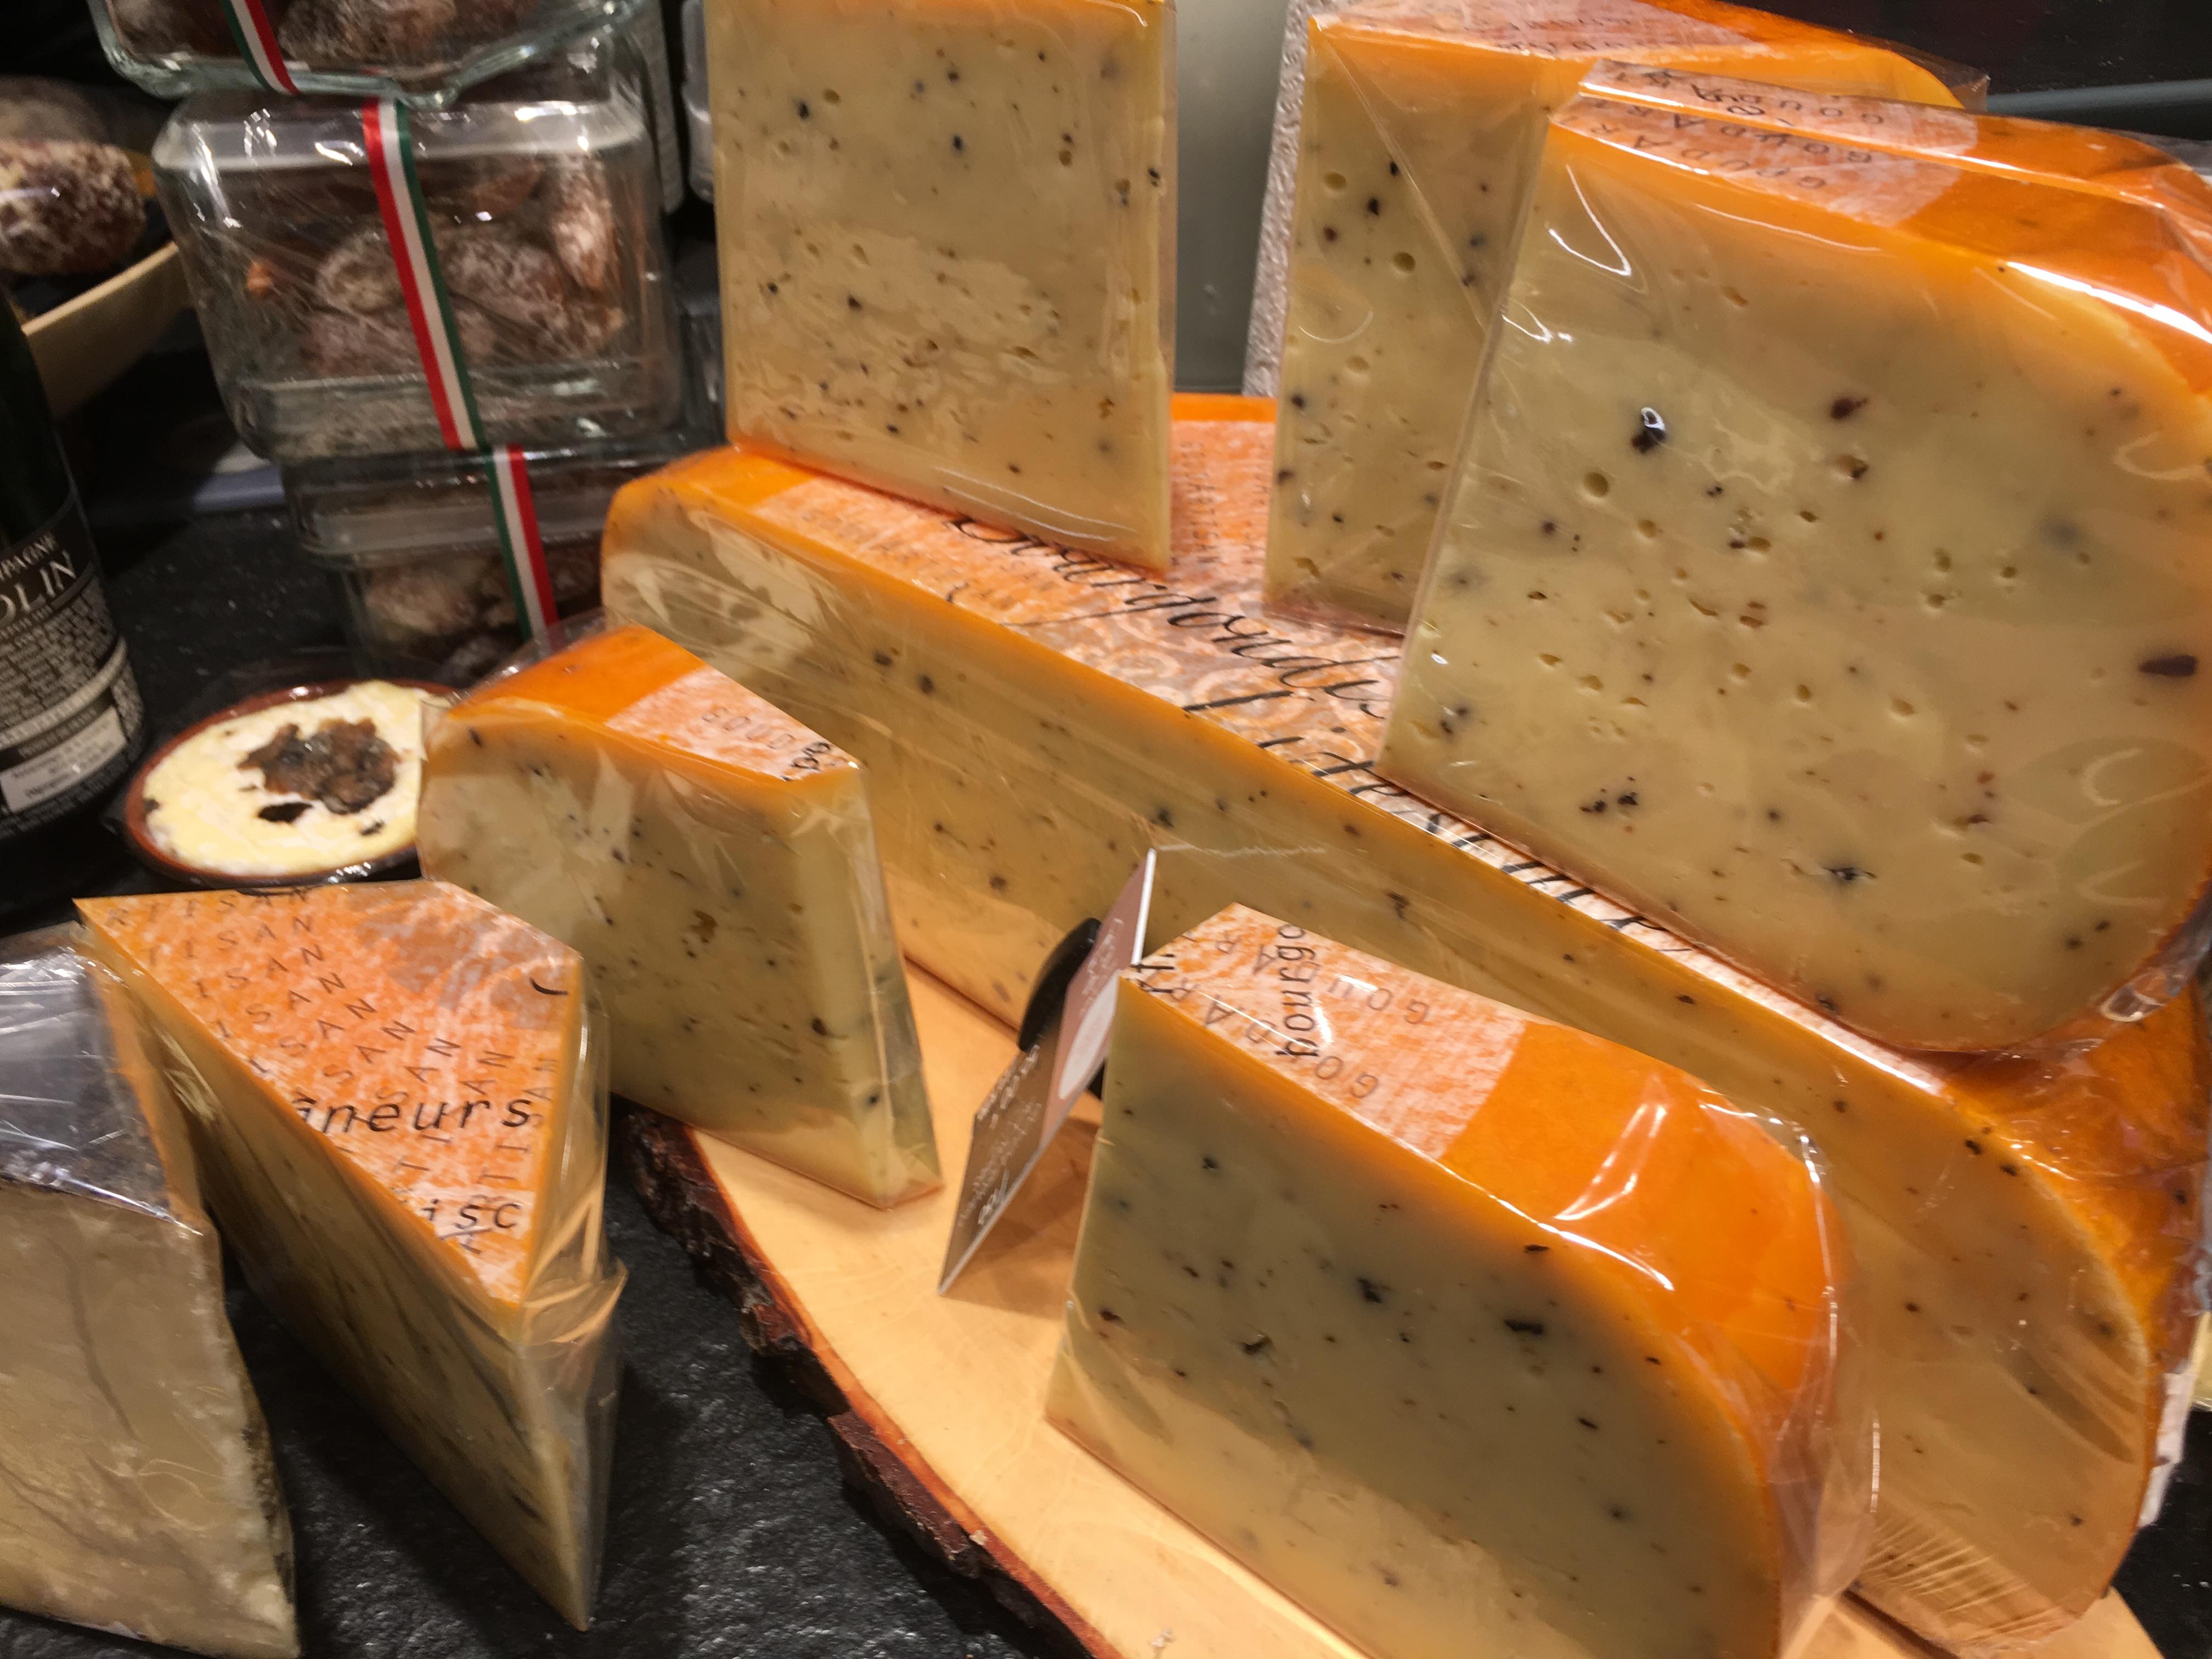 フランス最高位のチーズ熟成士、久田早苗 「ワインだけじゃ、フランスは語れない!」